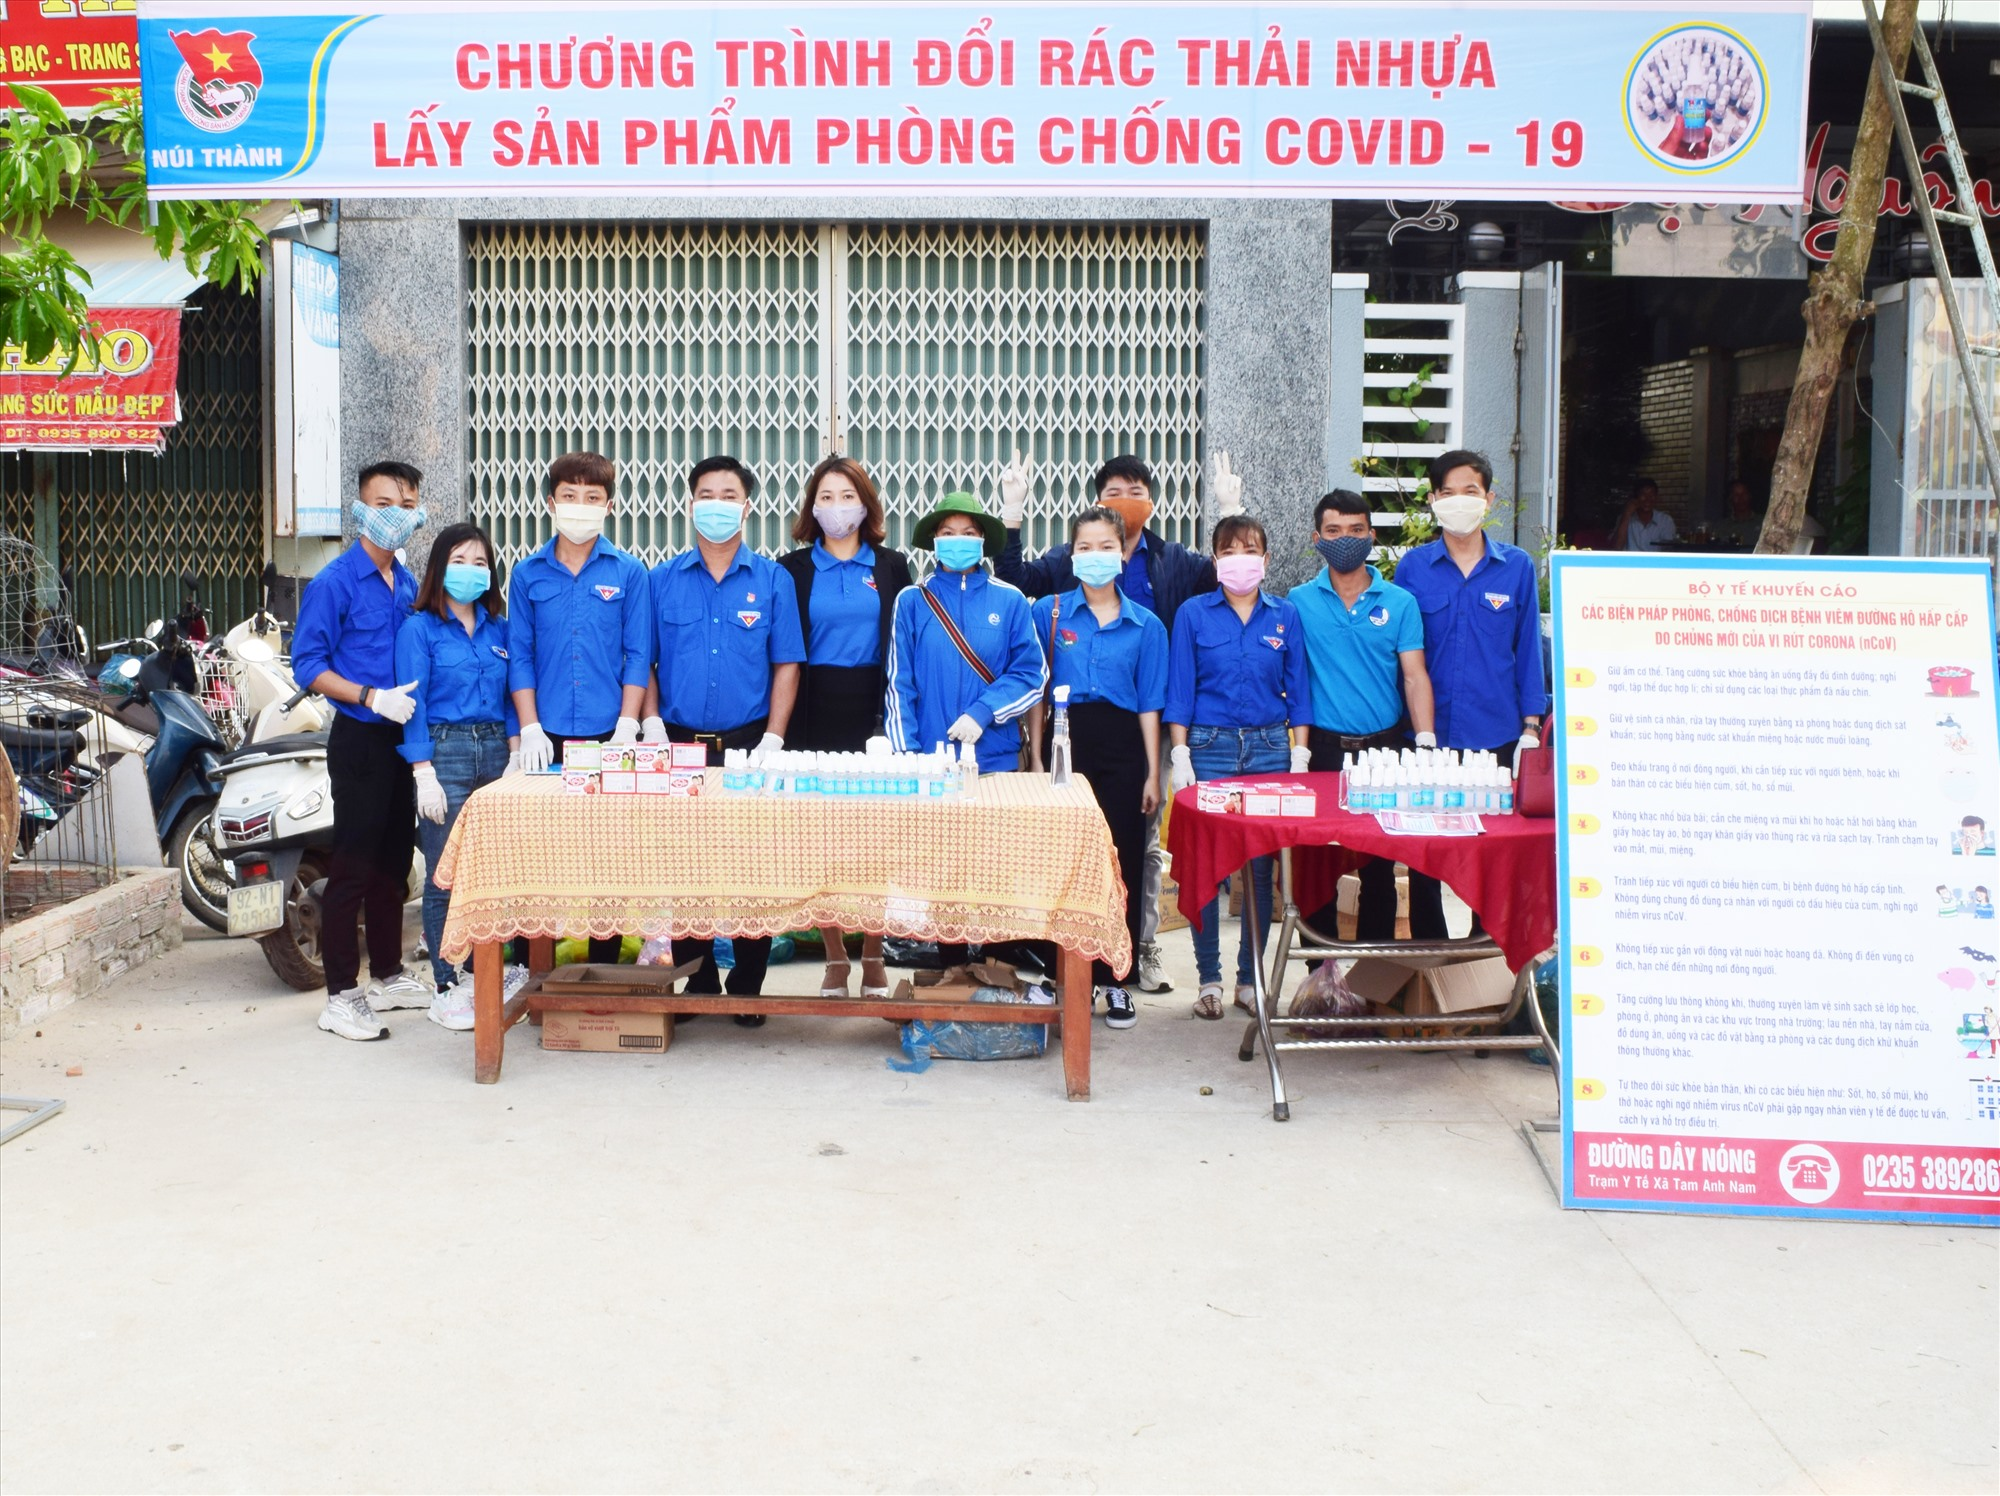 ĐVTN là thanh niên công nhân tham gia tuyên truyền dịch Covid-19 tại xã Tam Anh Nam. Ảnh: THÁI CƯỜNG